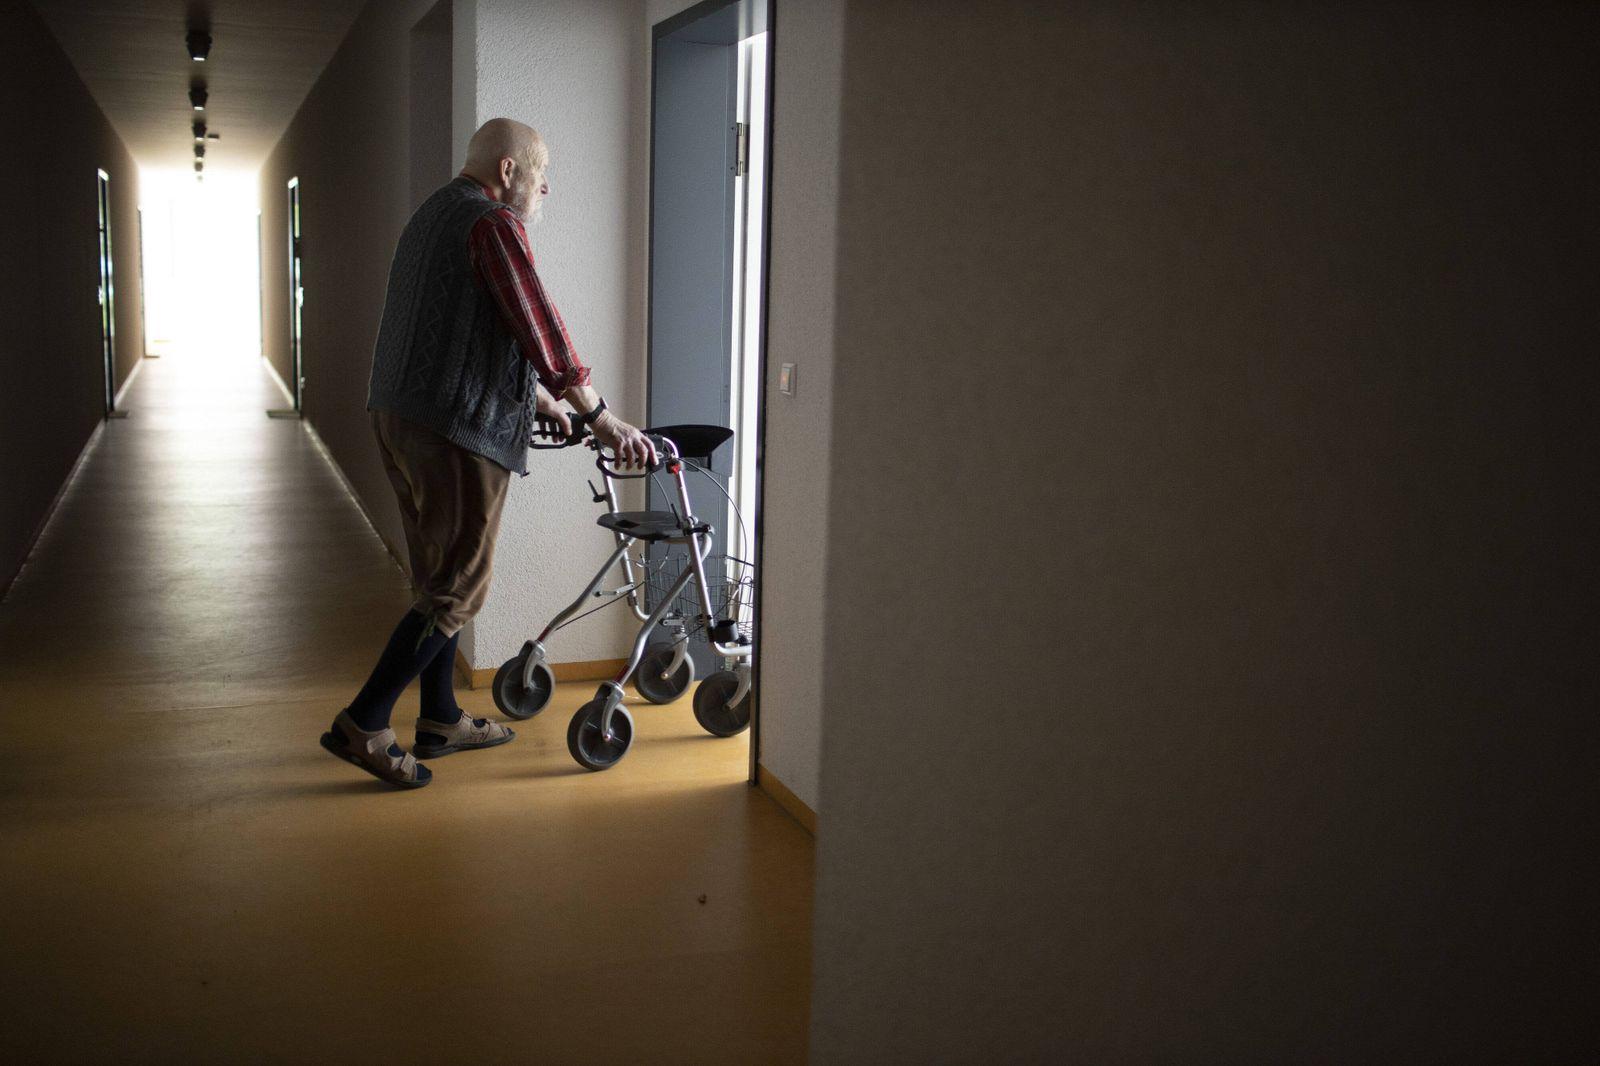 Thema: Mann mit Rollator in einem dunklen Flur. Heidelberg Deutschland *** Theme Man with walker in a dark hallway Heide